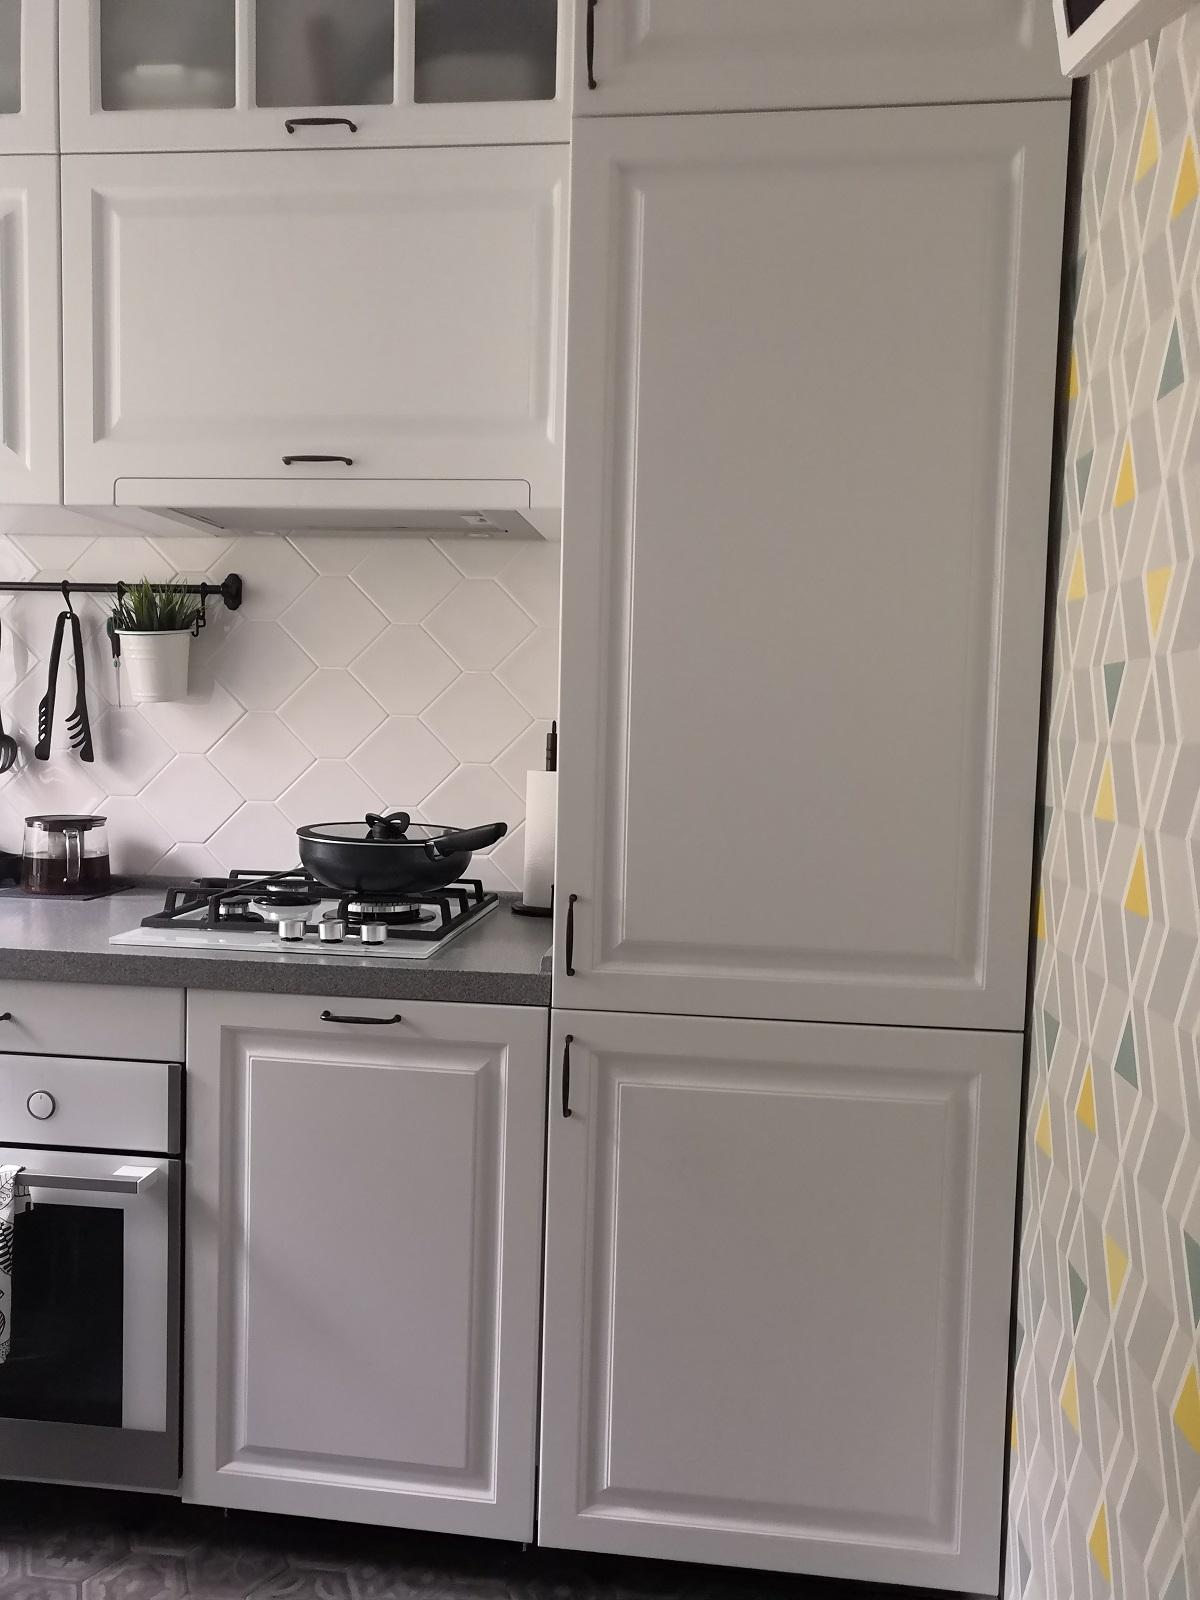 фото:Наш гарнитур слева (от входа) направо. При входе расположена столовая группа, затем буфетик, потом основная рабочая зона у окна, раковина, духовой шкаф, ППМ и холодильник уместились по одной стене. В пенале расположен водонагреватель и холодильник.